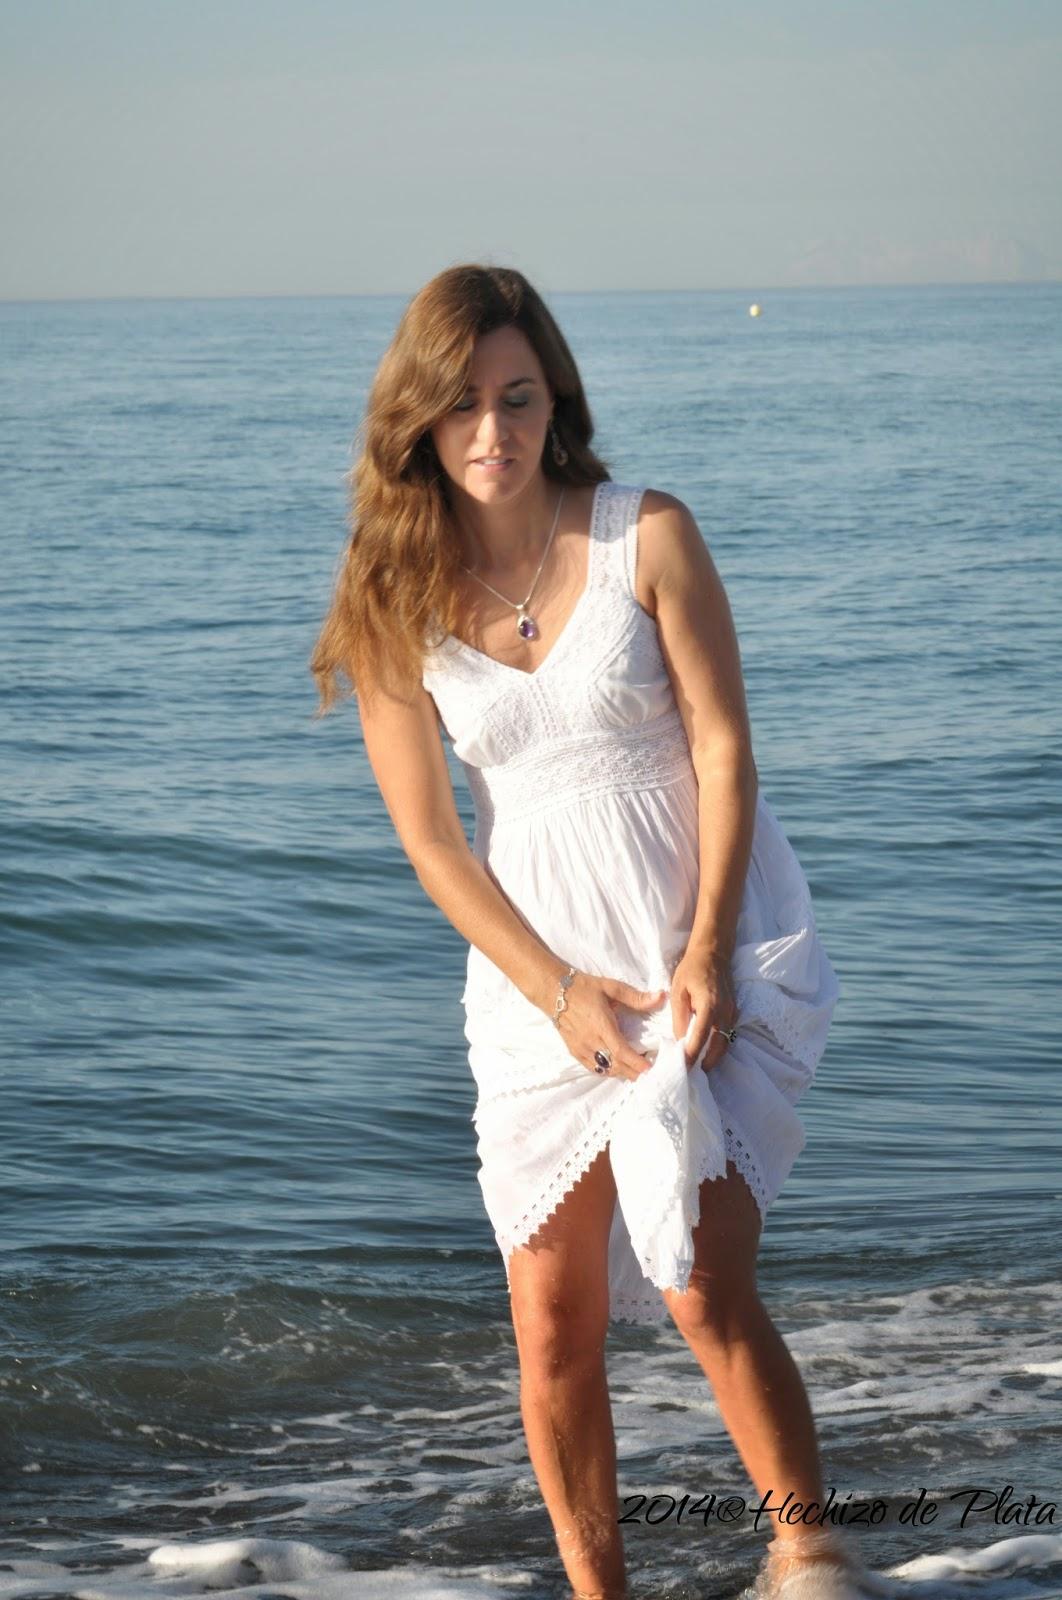 Moda Ibicenca con joyería de plata de Hechizo de Plata Joyería